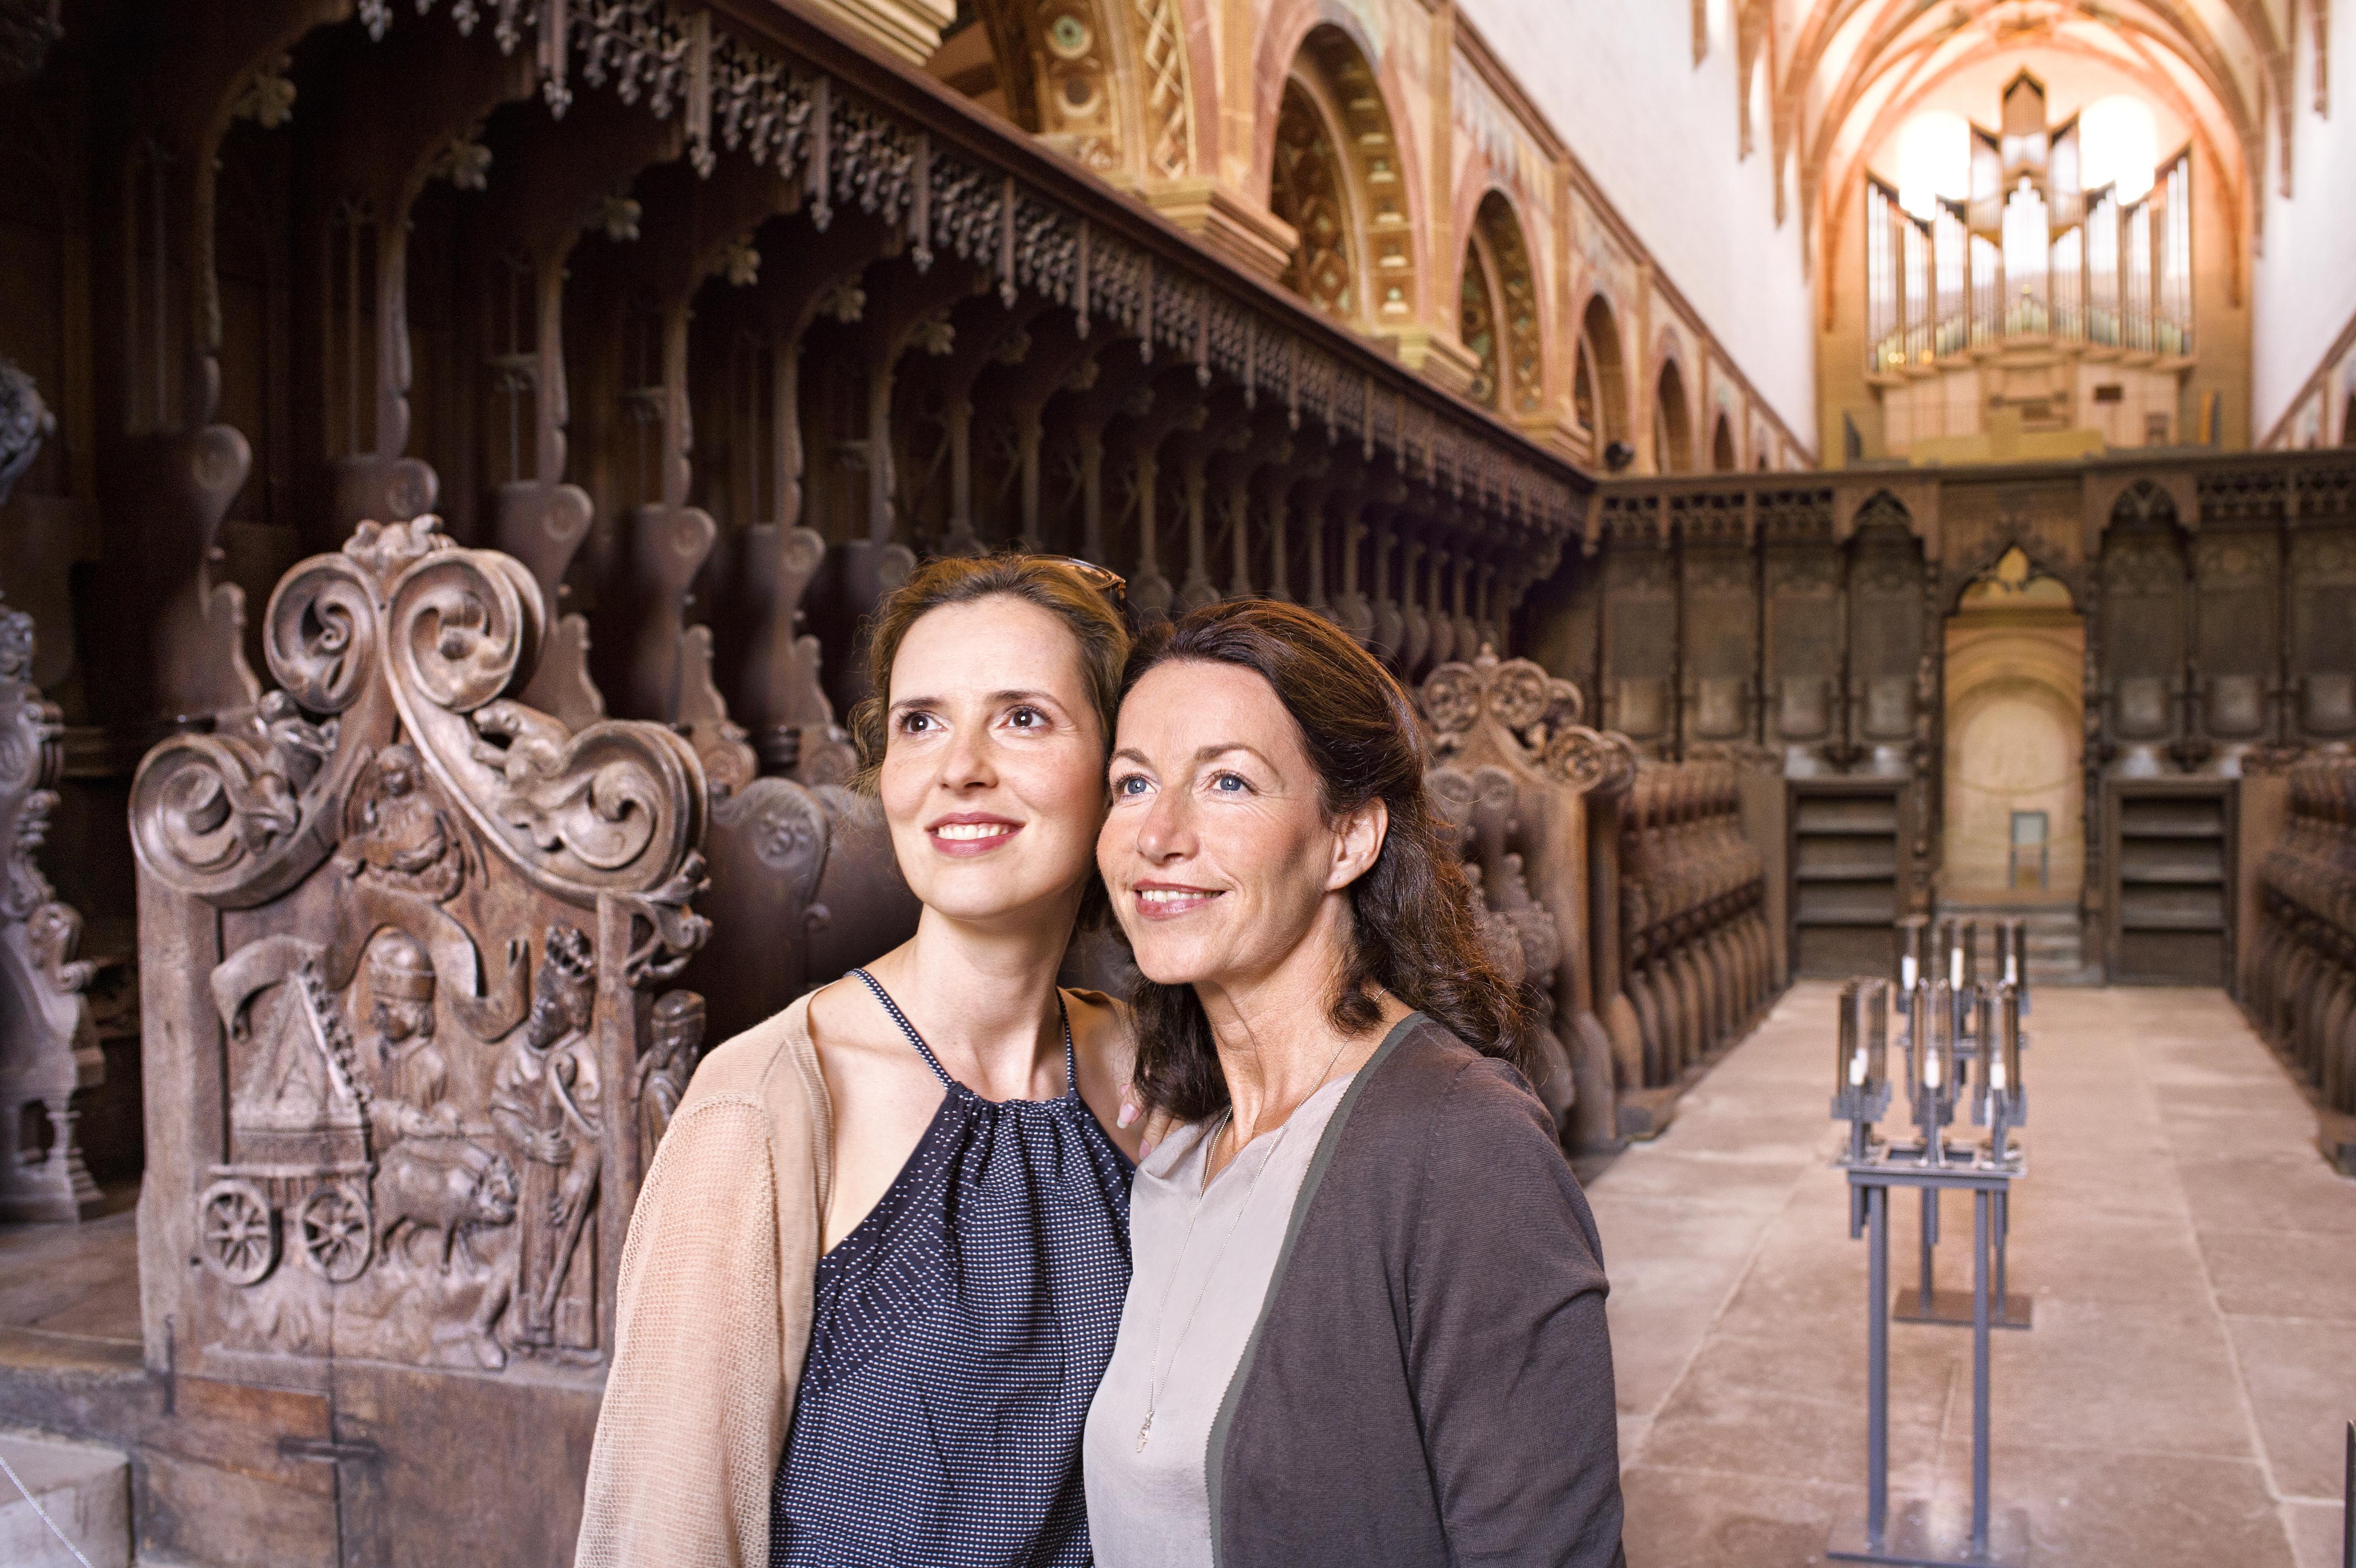 Besucher im Kloster Maulbronn; Foto: Staatliche Schlösser und Gärten Baden-Württemberg, Niels Schubert